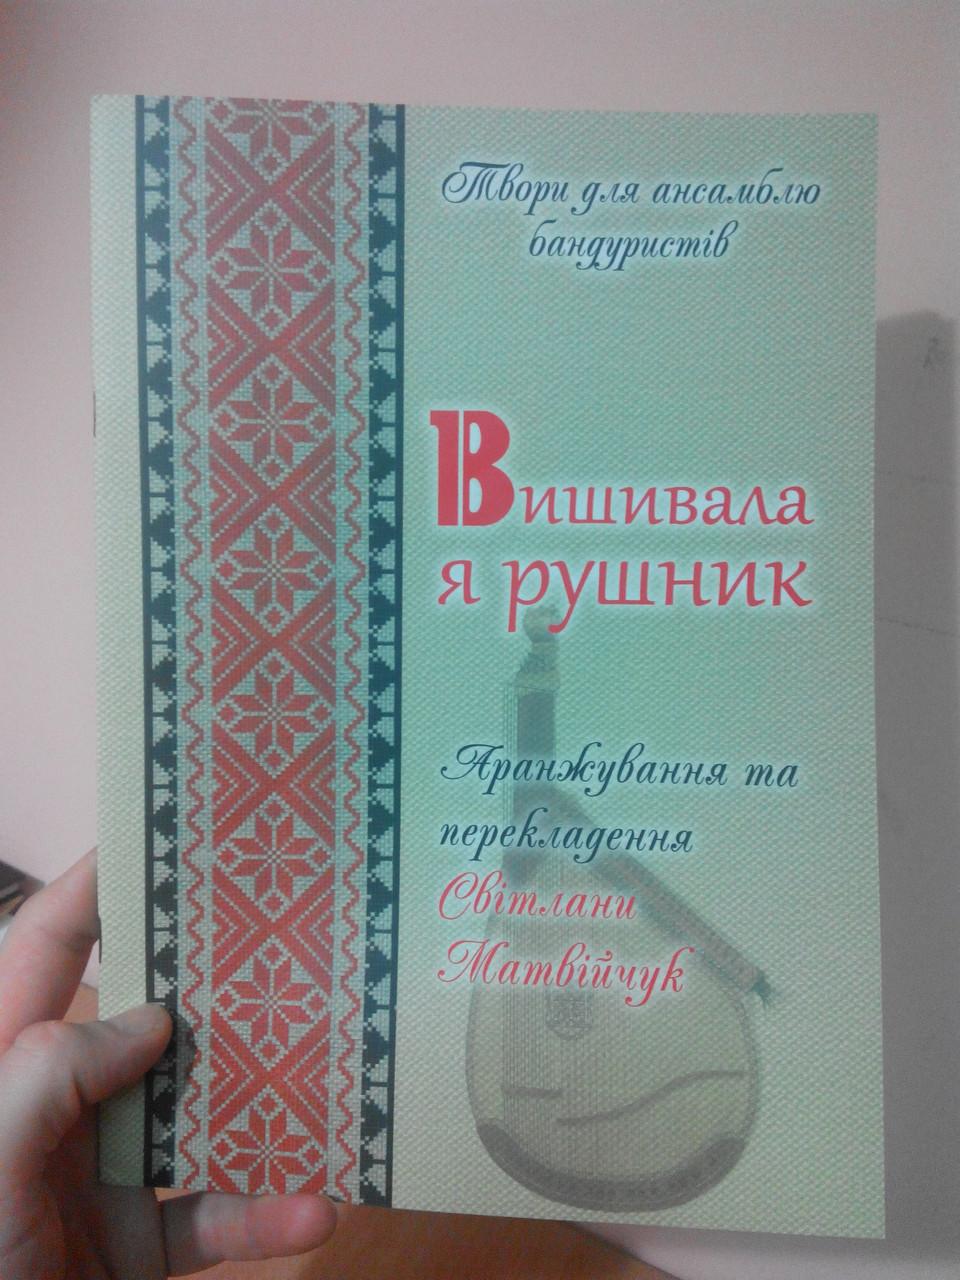 Печать и издание нотных сборников с присвоением кода ISMN